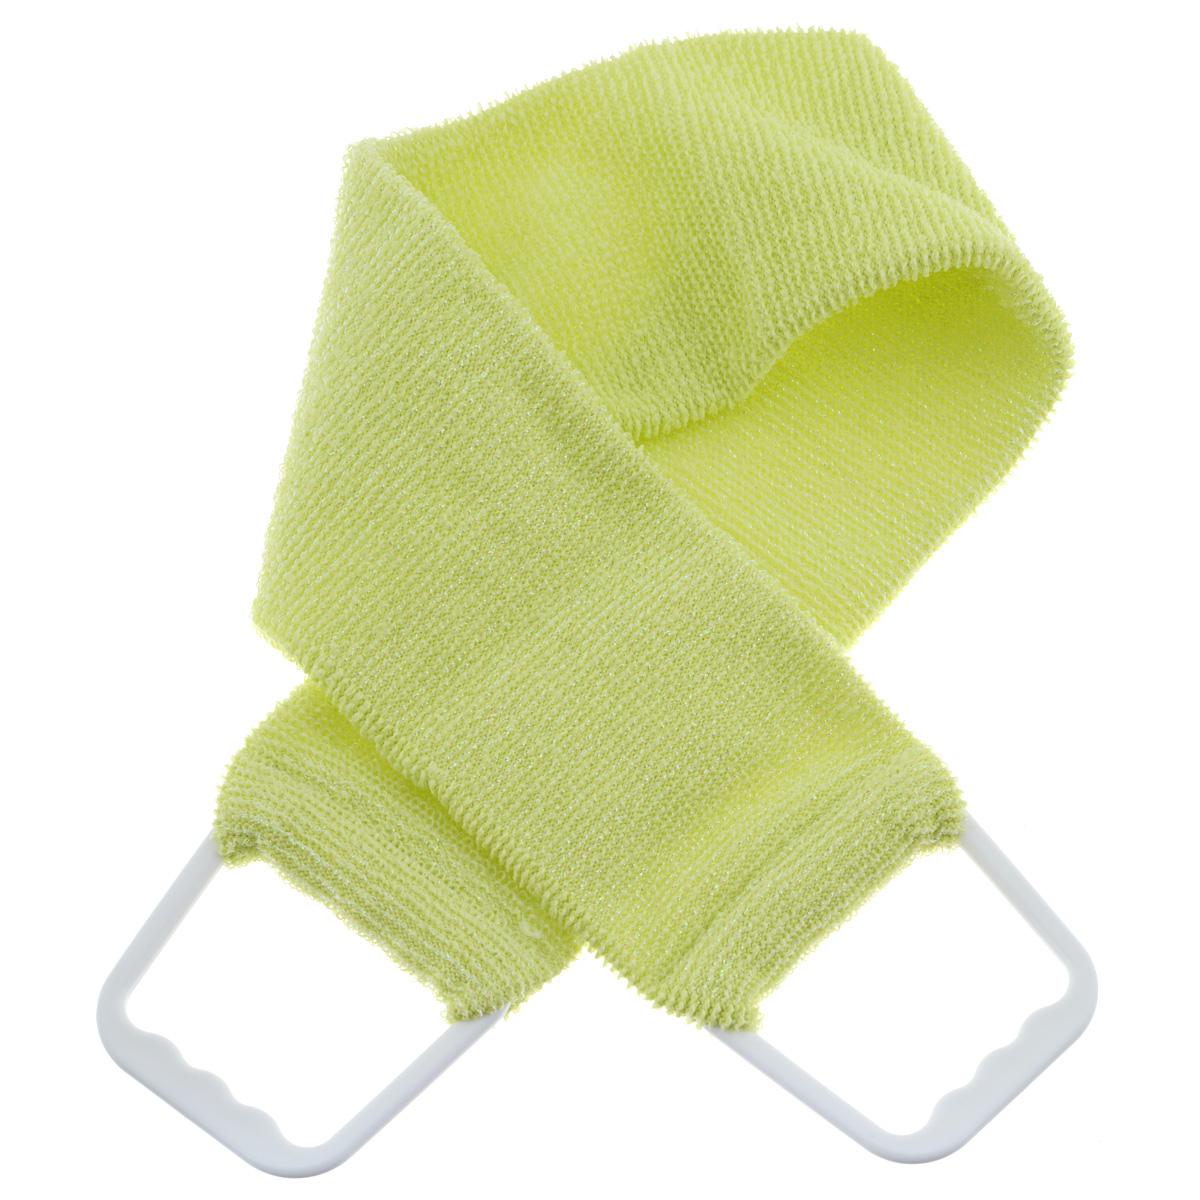 Мочалка 927, цвет: желтый1092018Двухсторонняя мочалка-пояс Riffi применяется для мытья тела, отлично действует как пилинговое средство, тонизируя, массируя и эффективно очищая вашу кожу. Мягкой стороной хорошо намыливать тело и наносить косметические средства после душа. Жесткую (с люрексом) сторону пояса используют для легкого пилинга и массажа кожи. Для удобства применения пояс снабжен двумя пластиковыми ручками. Благодаря отшелушивающему эффекту мочалки-пояса, кожа освобождается от отмерших клеток, становится гладкой, упругой и свежей. Интенсивный и пощипывающе свежий массаж тела с применением Riffi стимулирует кровообращение, активирует кровоснабжение, способствует обмену веществ, что в свою очередь позволяет себя чувствовать бодрым и отдохнувшим после принятия душа или ванны. Riffi регенерирует кожу, делает ее приятно нежной, мягкой и лучше готовой к принятию косметических средств. Приносит приятное расслабление всему организму. Борется со спазмами и болями в мышцах, предупреждает образование целлюлита и обеспечивает омолаживающий эффект. Гипоаллергенная.